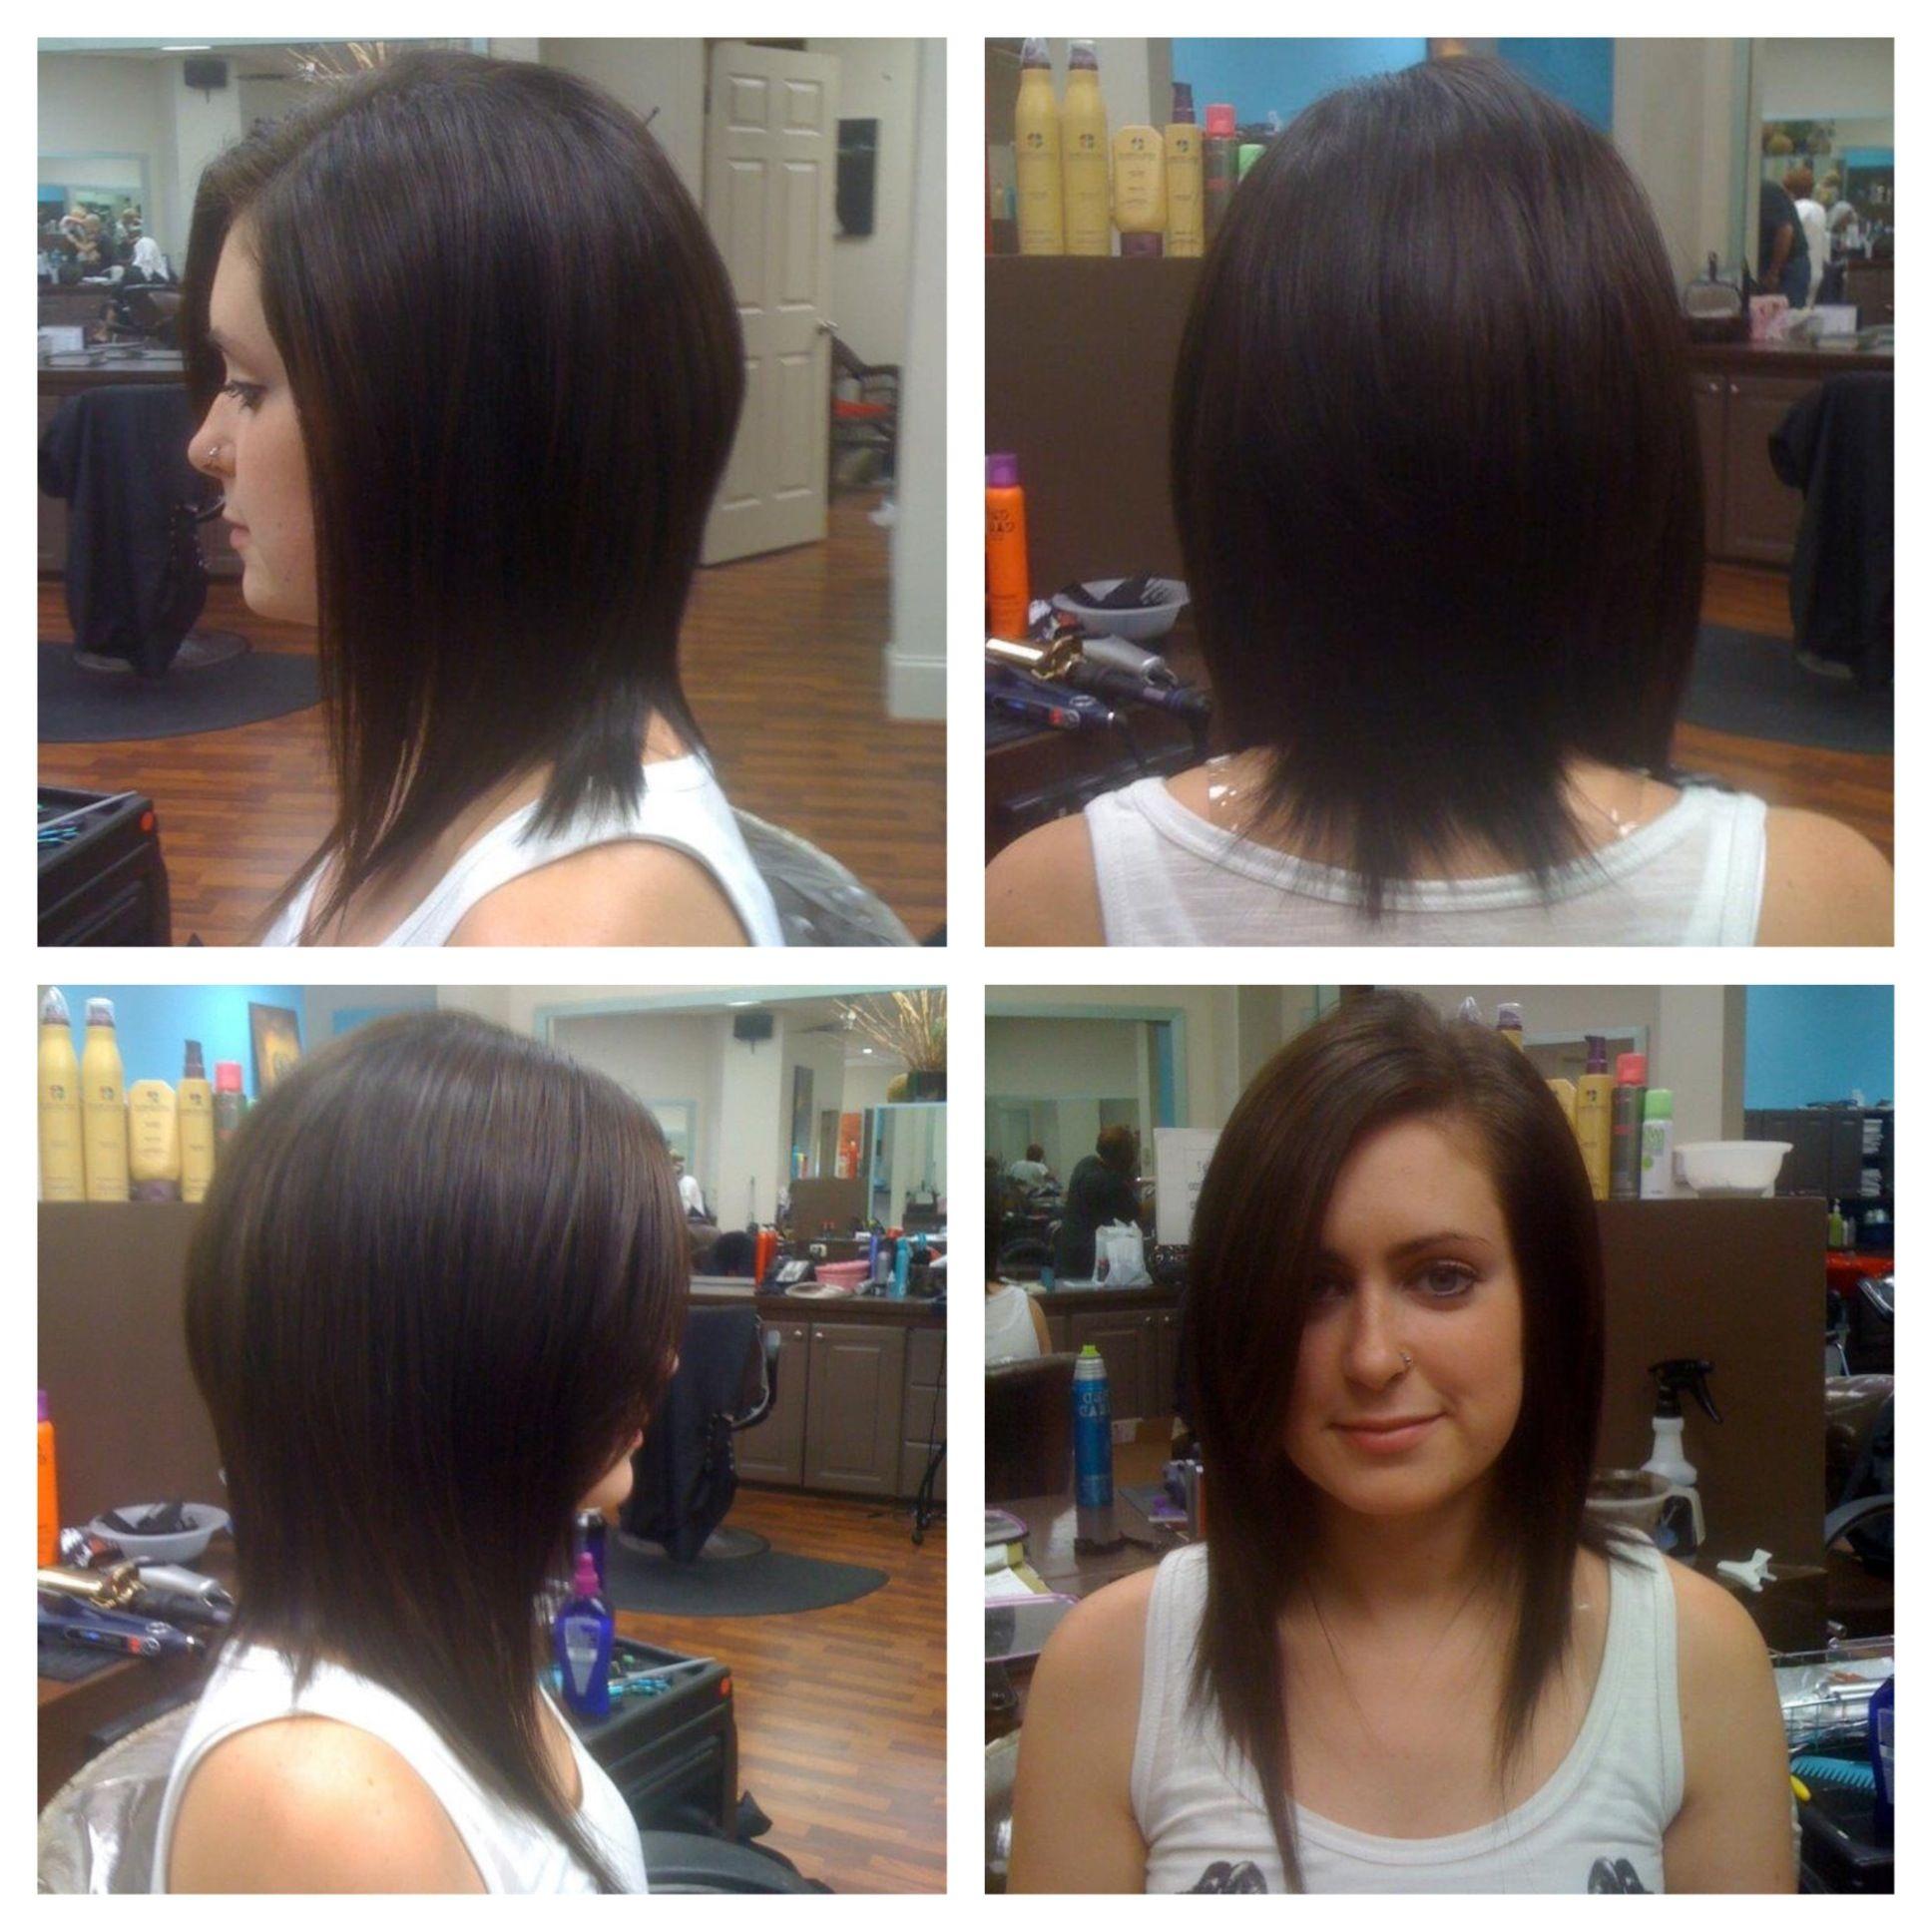 Salon Style Hair: Textured Angled Asymmetrical Bob Haircut Lex Moore @ Style